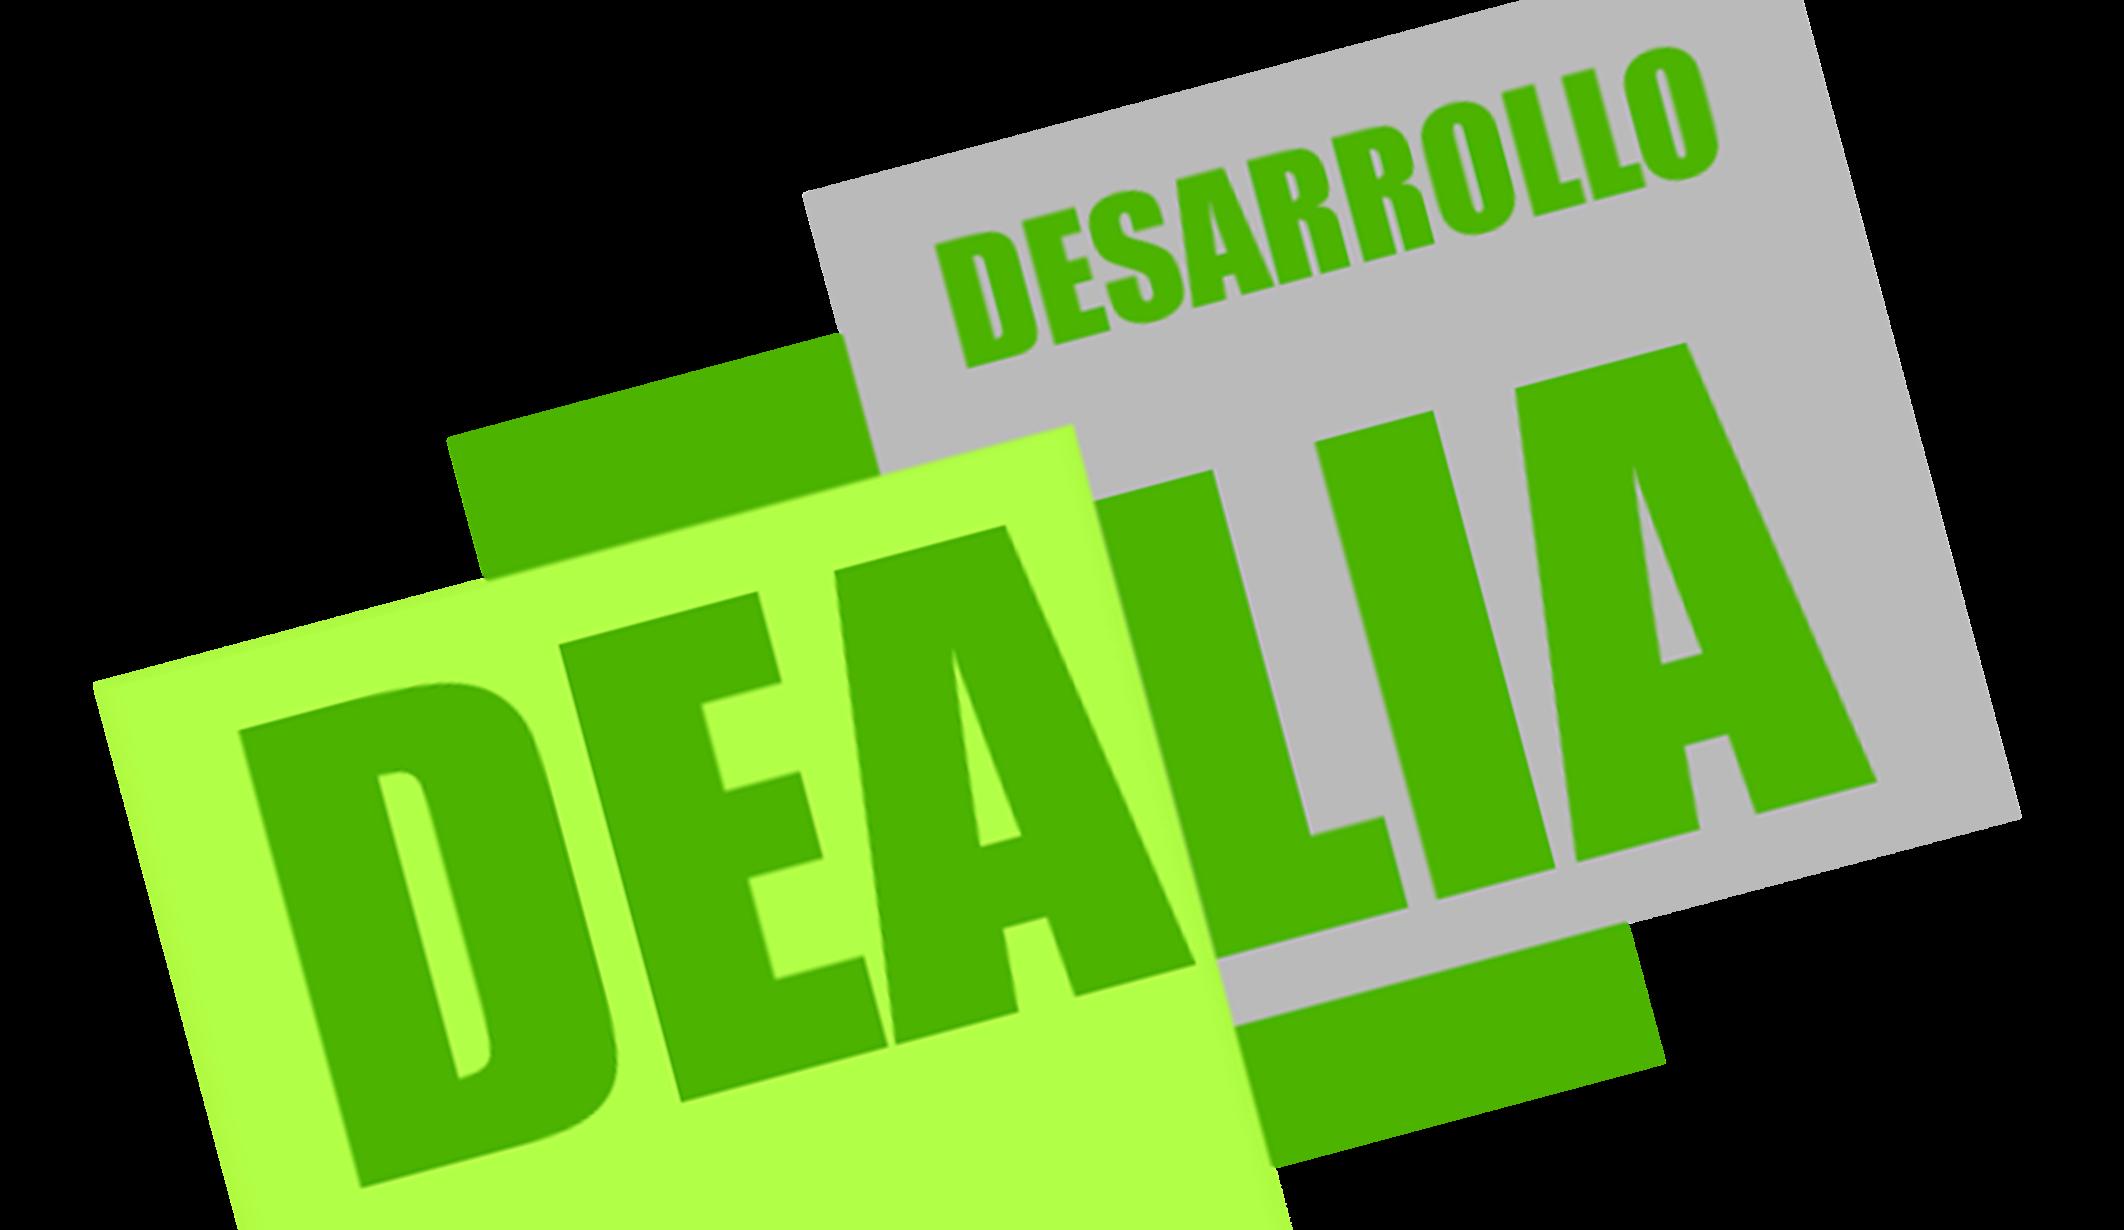 Dealia Desarrollo - Proyectos de Consultoría, Ingeniería, Construcción, Acústica, Servicios y Comercialización